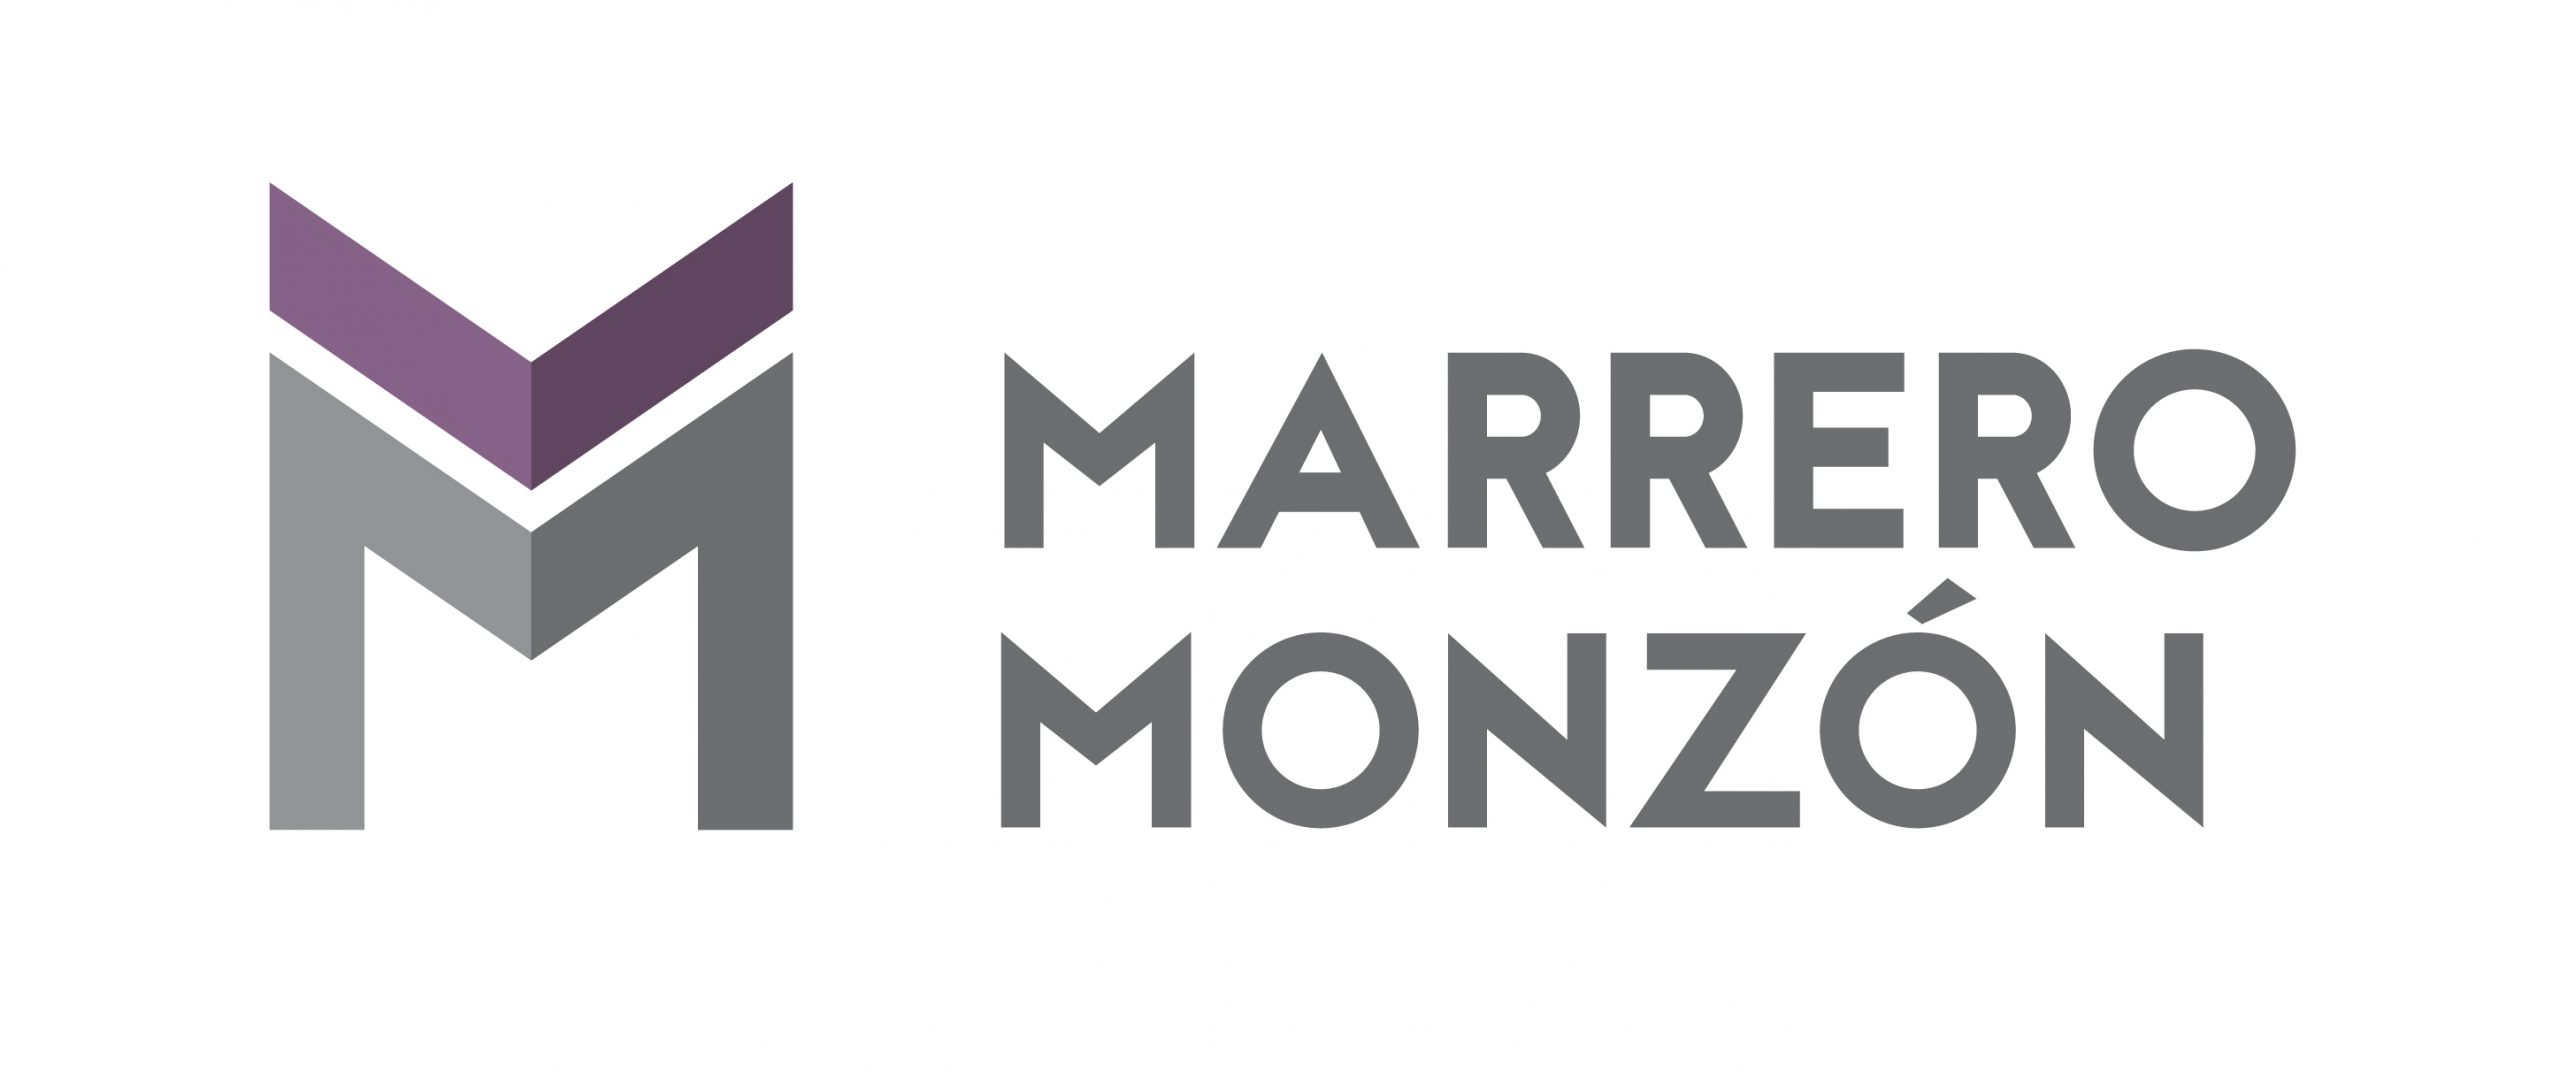 Marrero Monzon_Logotipo RGB_color-01